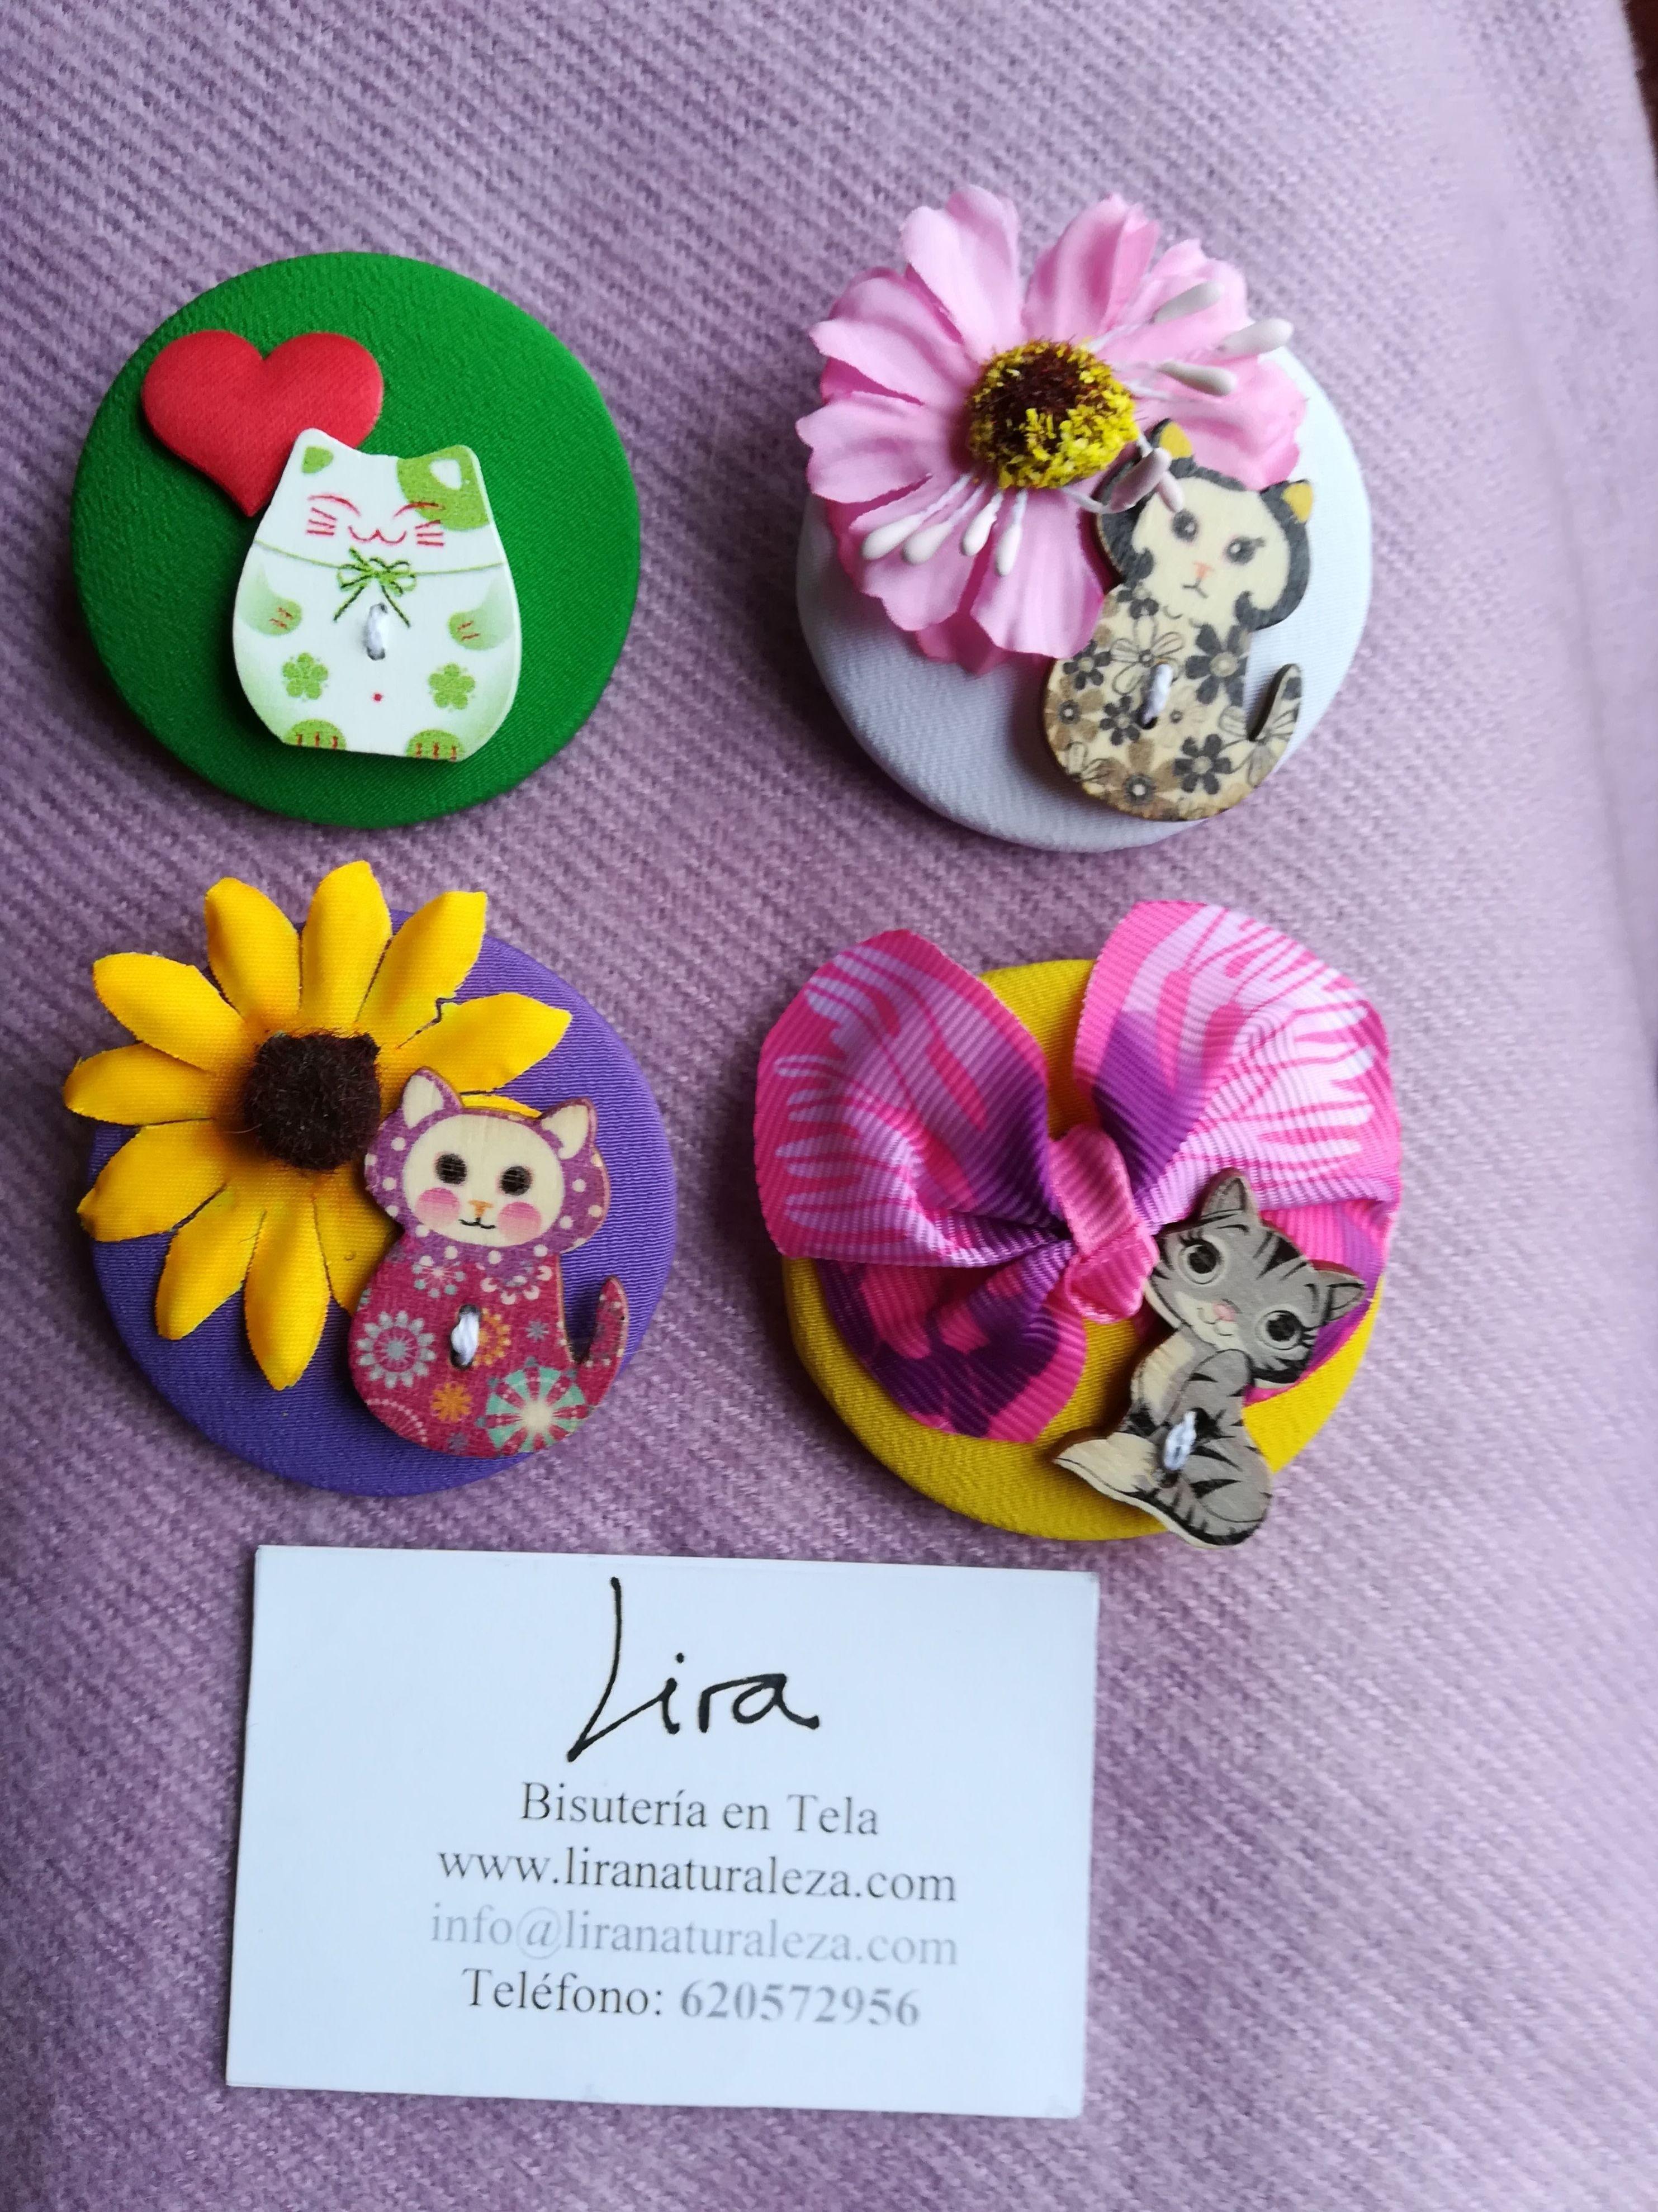 Broches para las personas amantes de los gatos: de BIsutería en tela de Lira